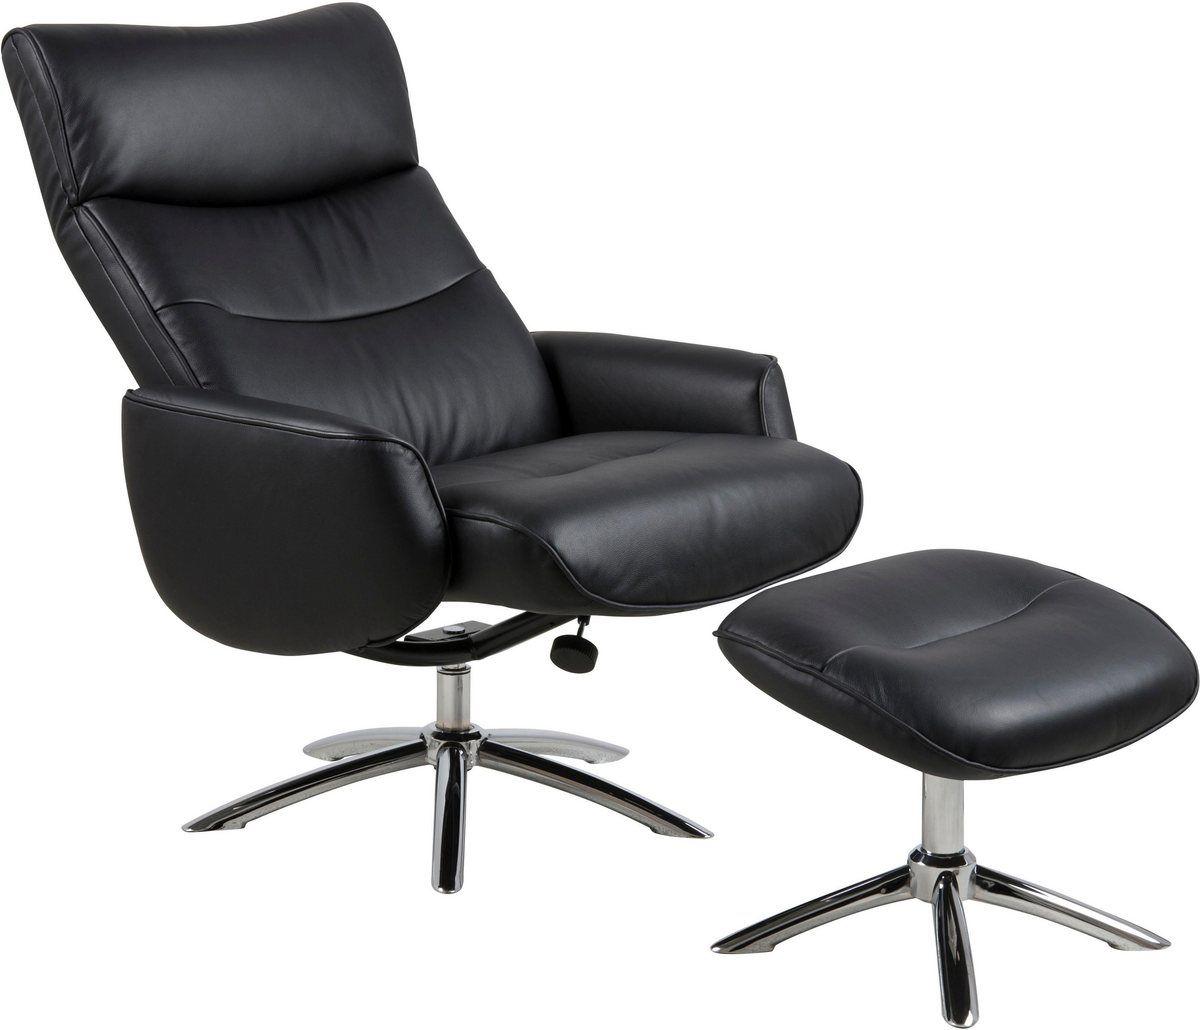 Sessel Schone Justierbare Kopfstutze Und Einer Dreh Push Funktion